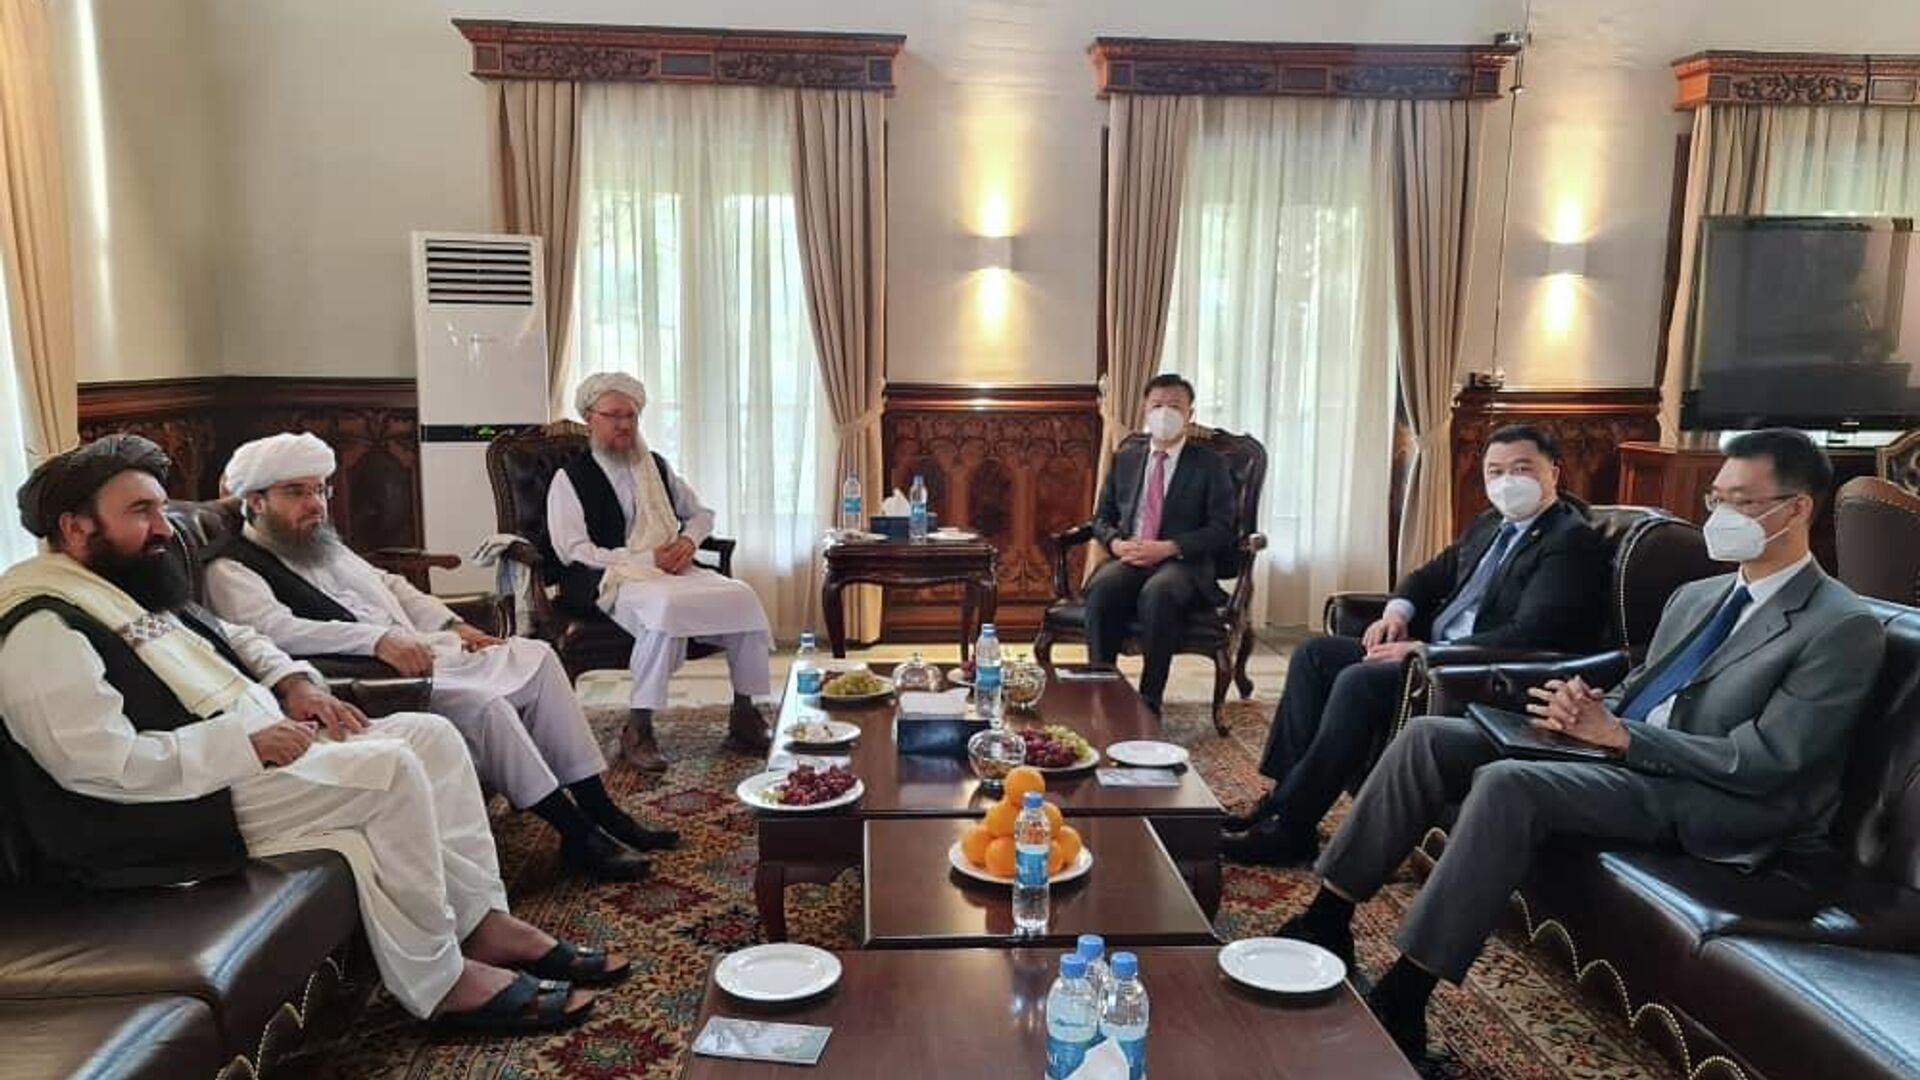 Первая официальная встреча талибов и китайских представителей в Кабуле - Sputnik Тоҷикистон, 1920, 07.09.2021